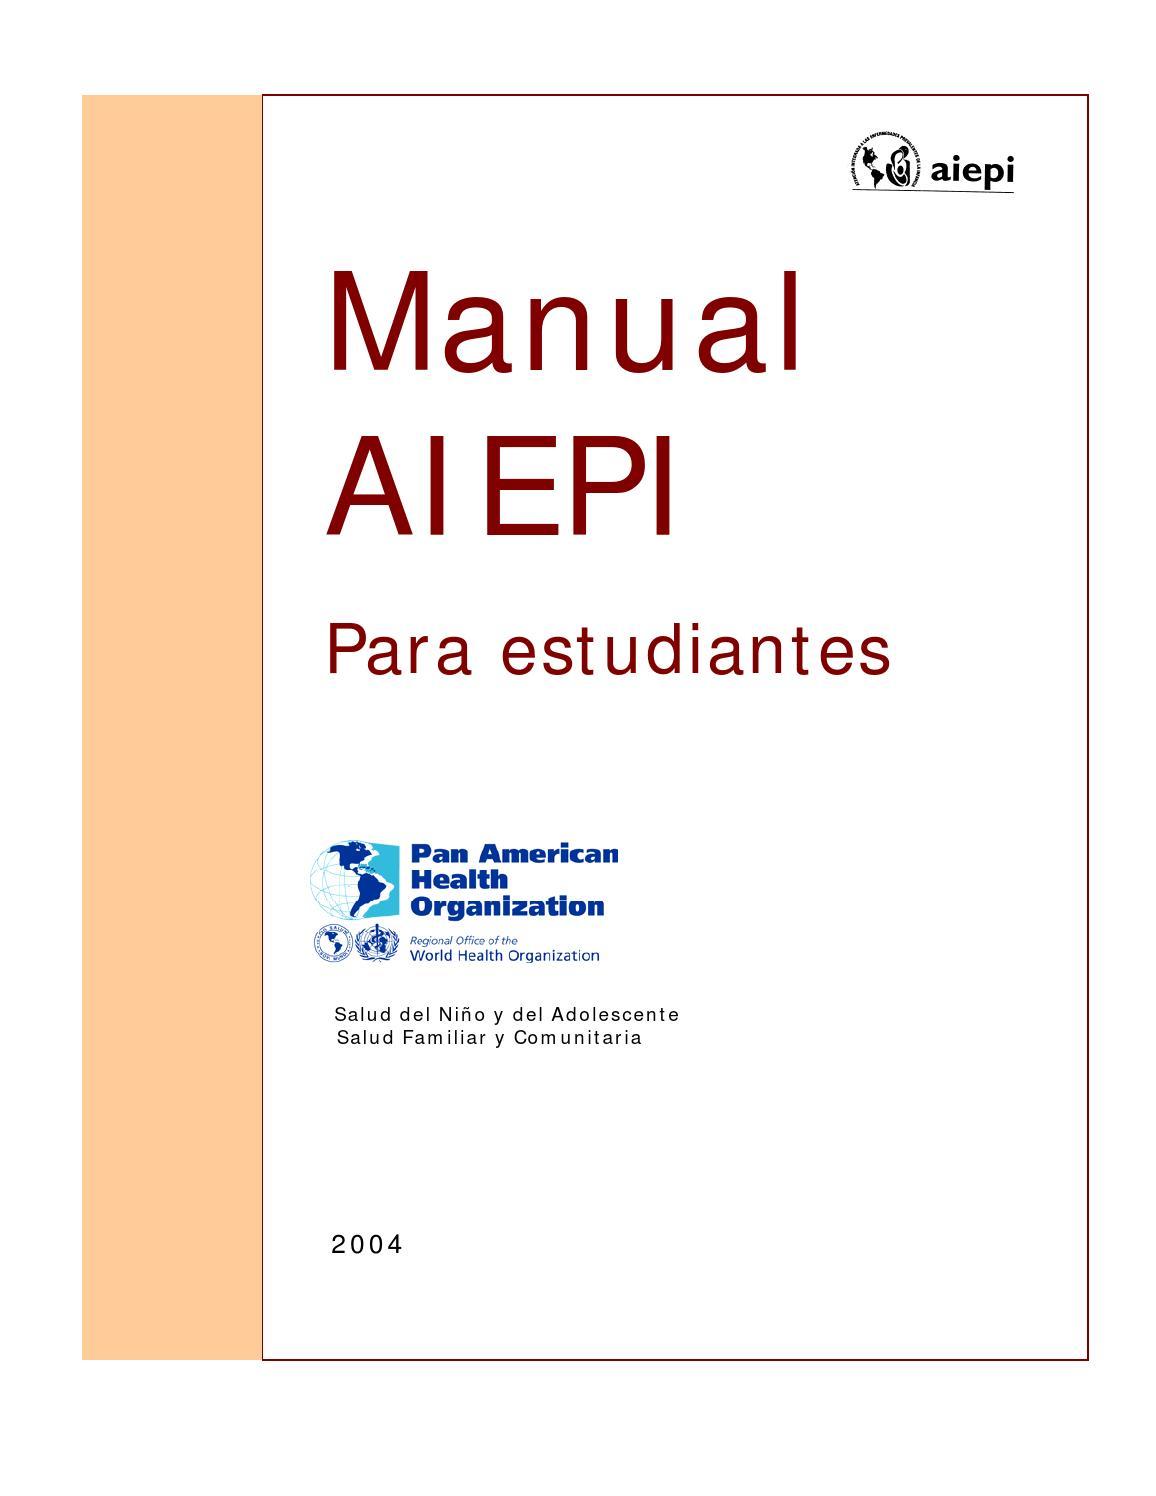 Aiepi para estudiantes by Marcia Insuasti - issuu